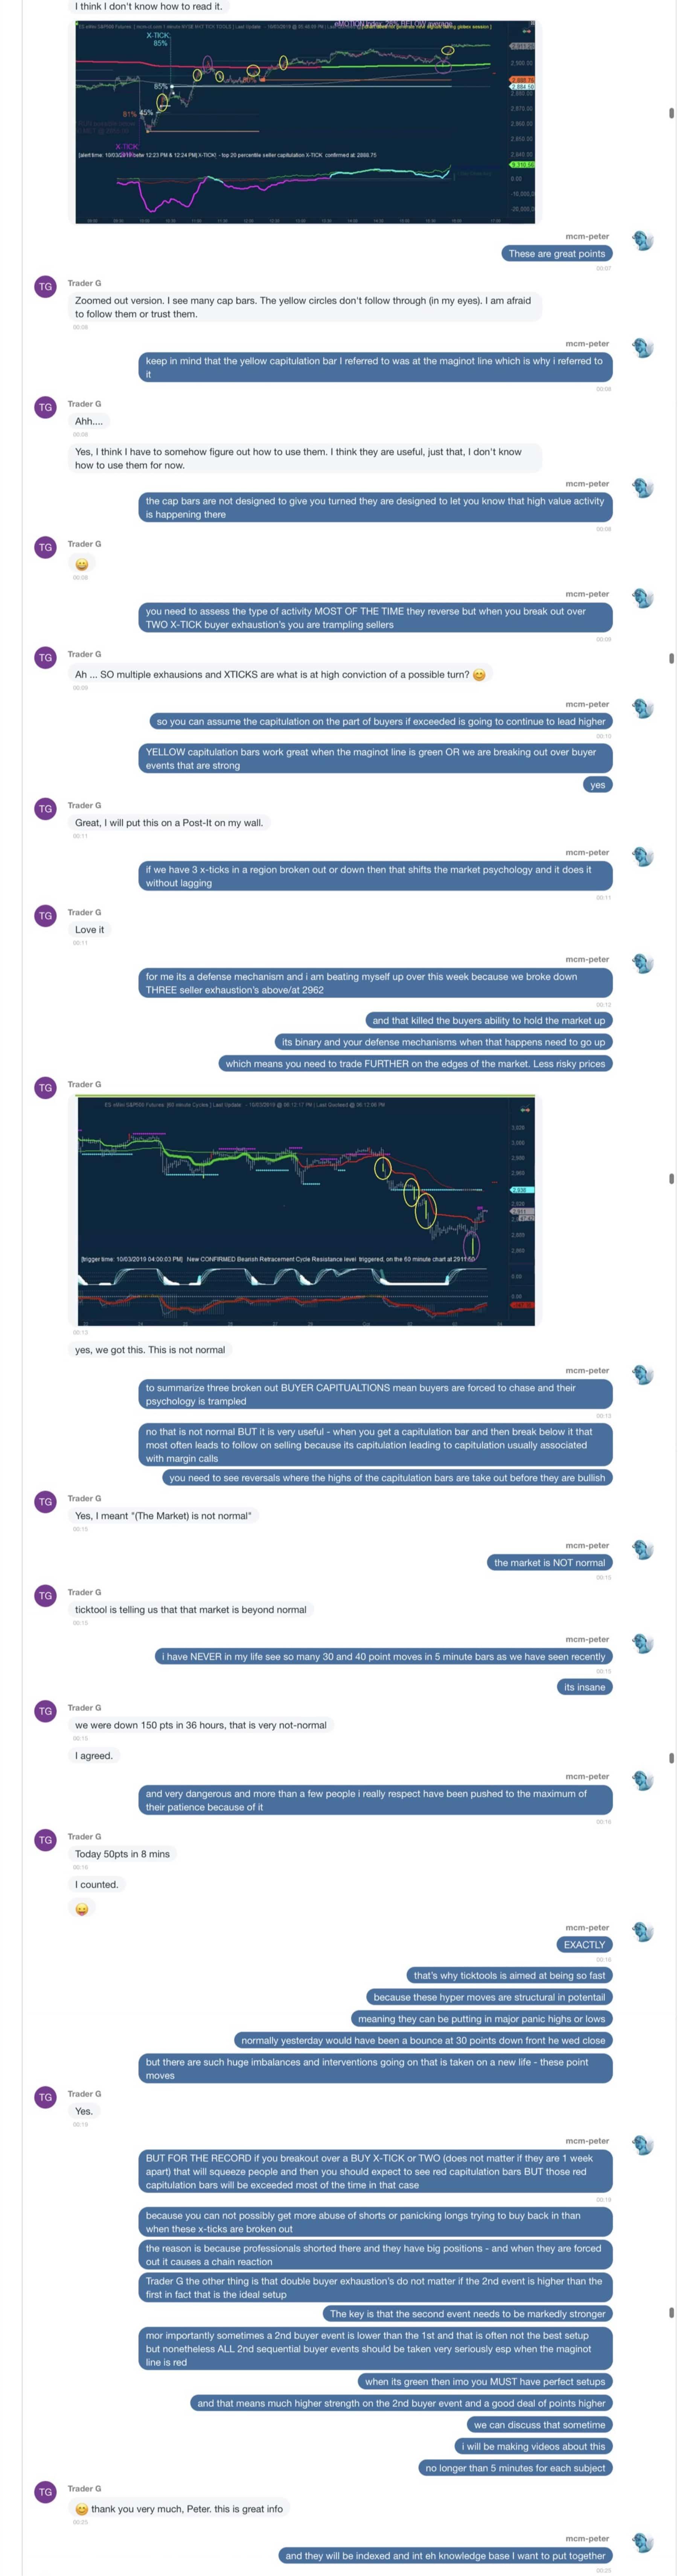 Oct 3rd Post market conversation part 1